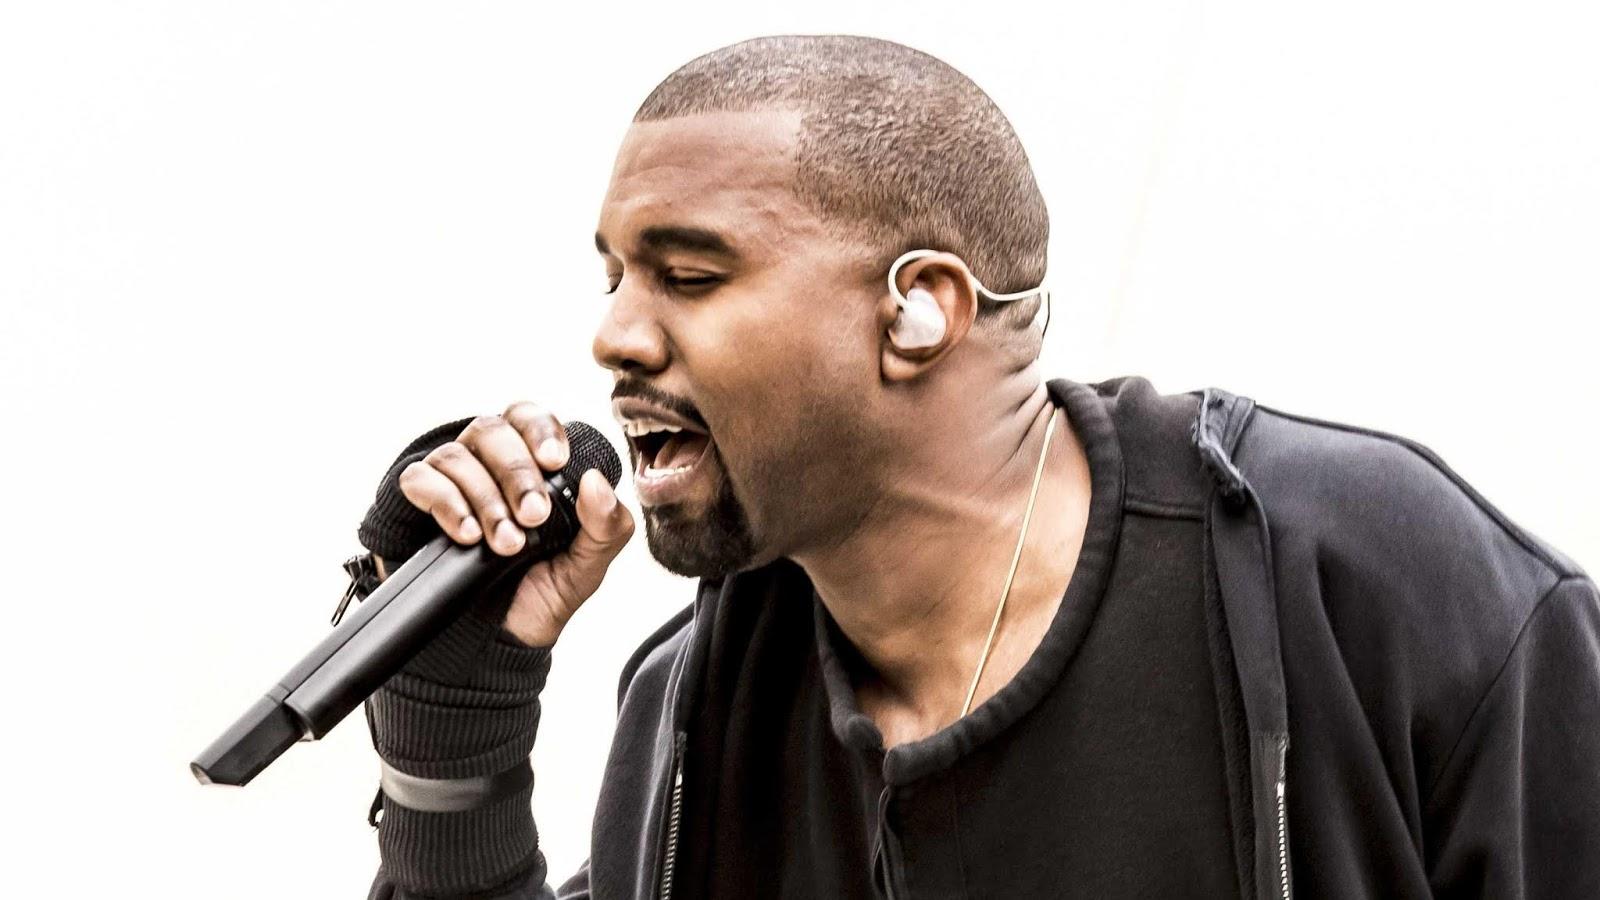 Kanye West kutua Afrika kukamilisha albamu yake